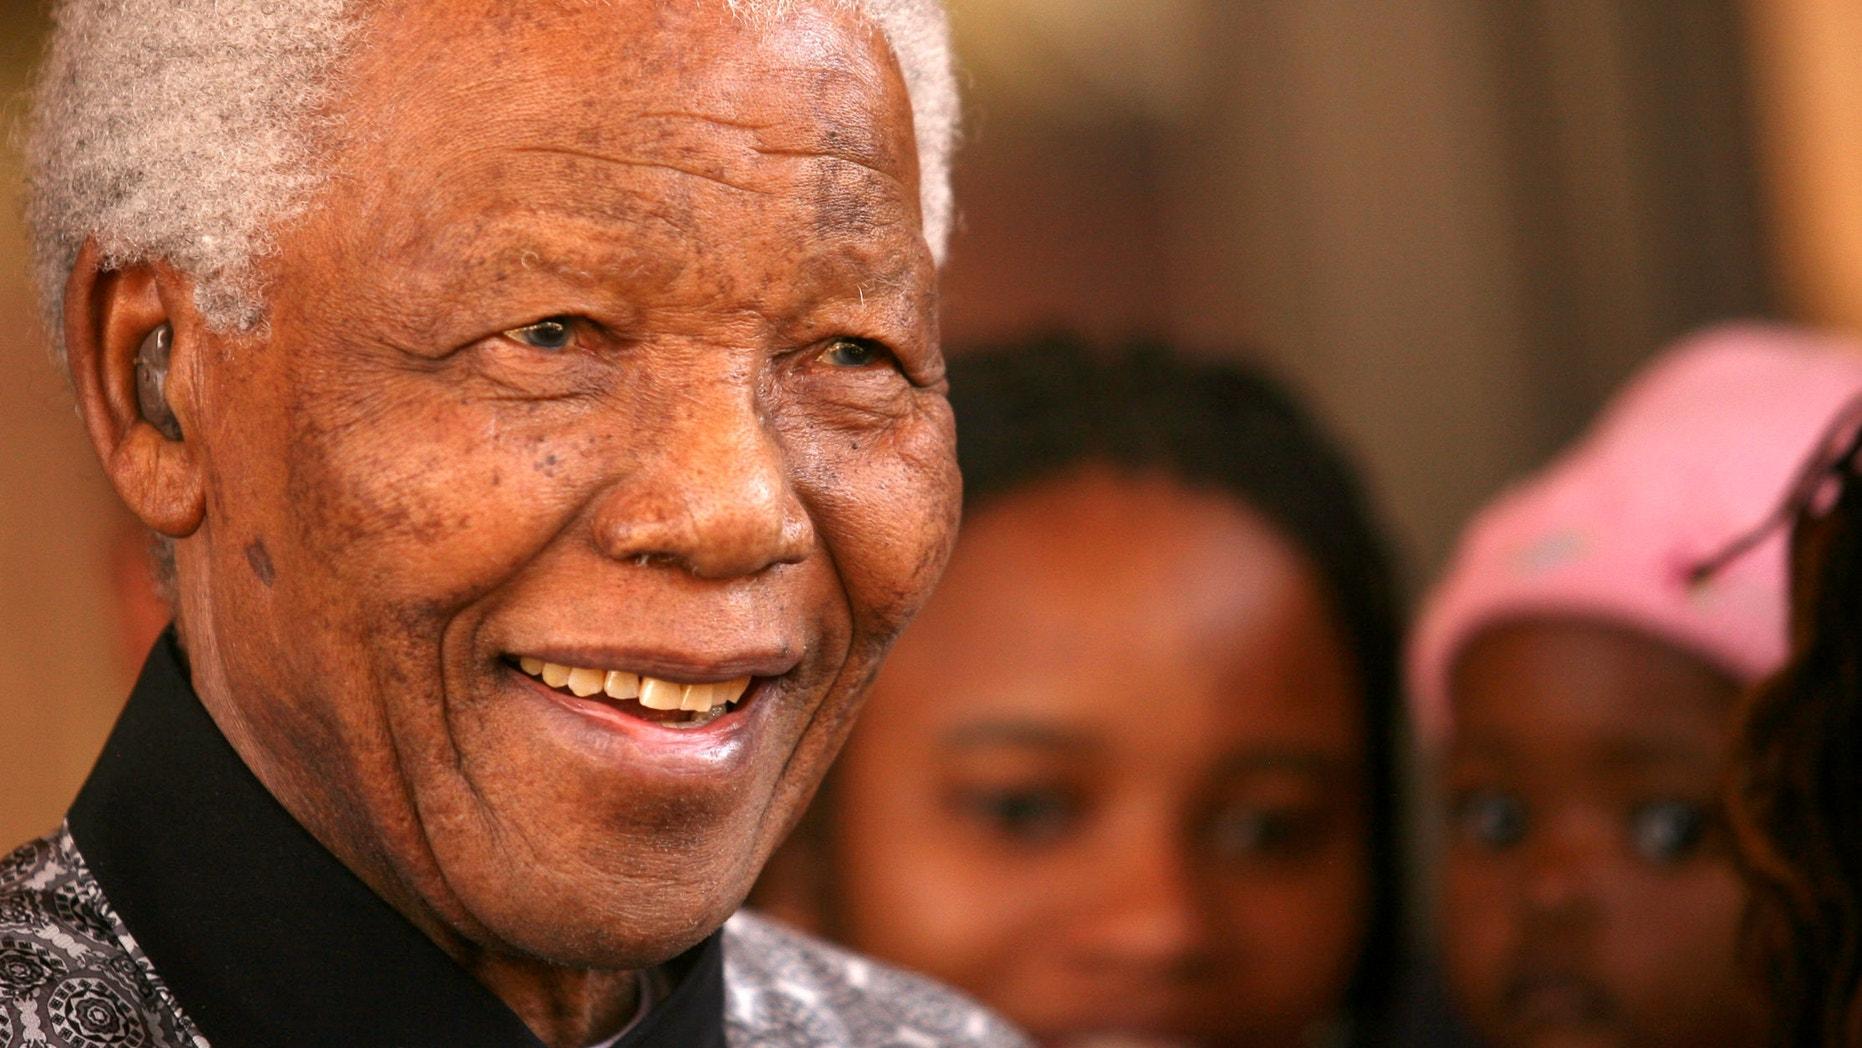 June 13, 2006  - FILE photo of former South African President Nelson Mandela in Johannesburg.